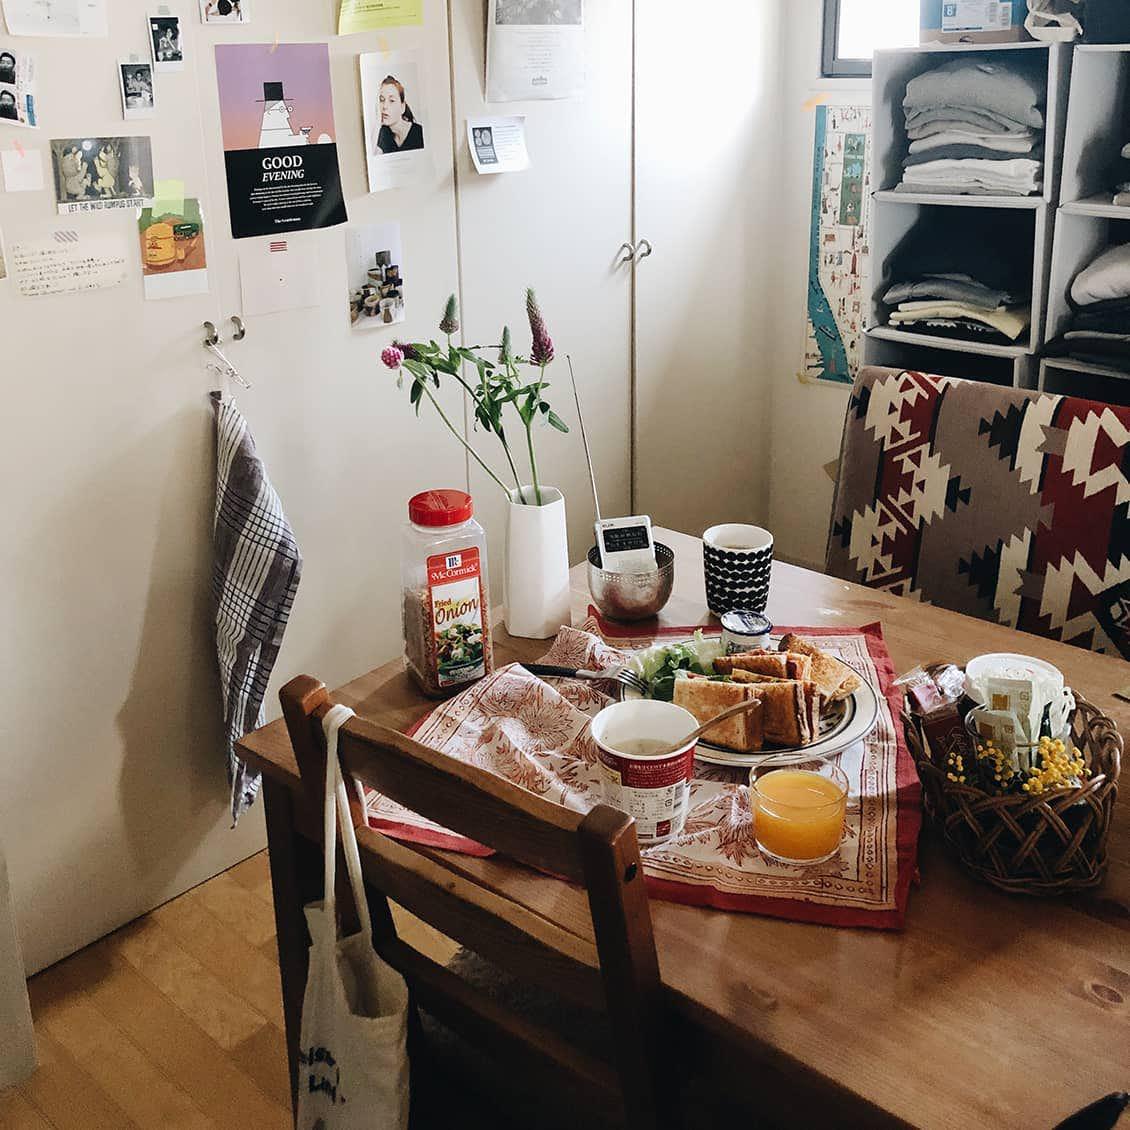 【わが家の朝支度】憧れの映画みたいに!夫婦2人、花と朝食で彩る朝